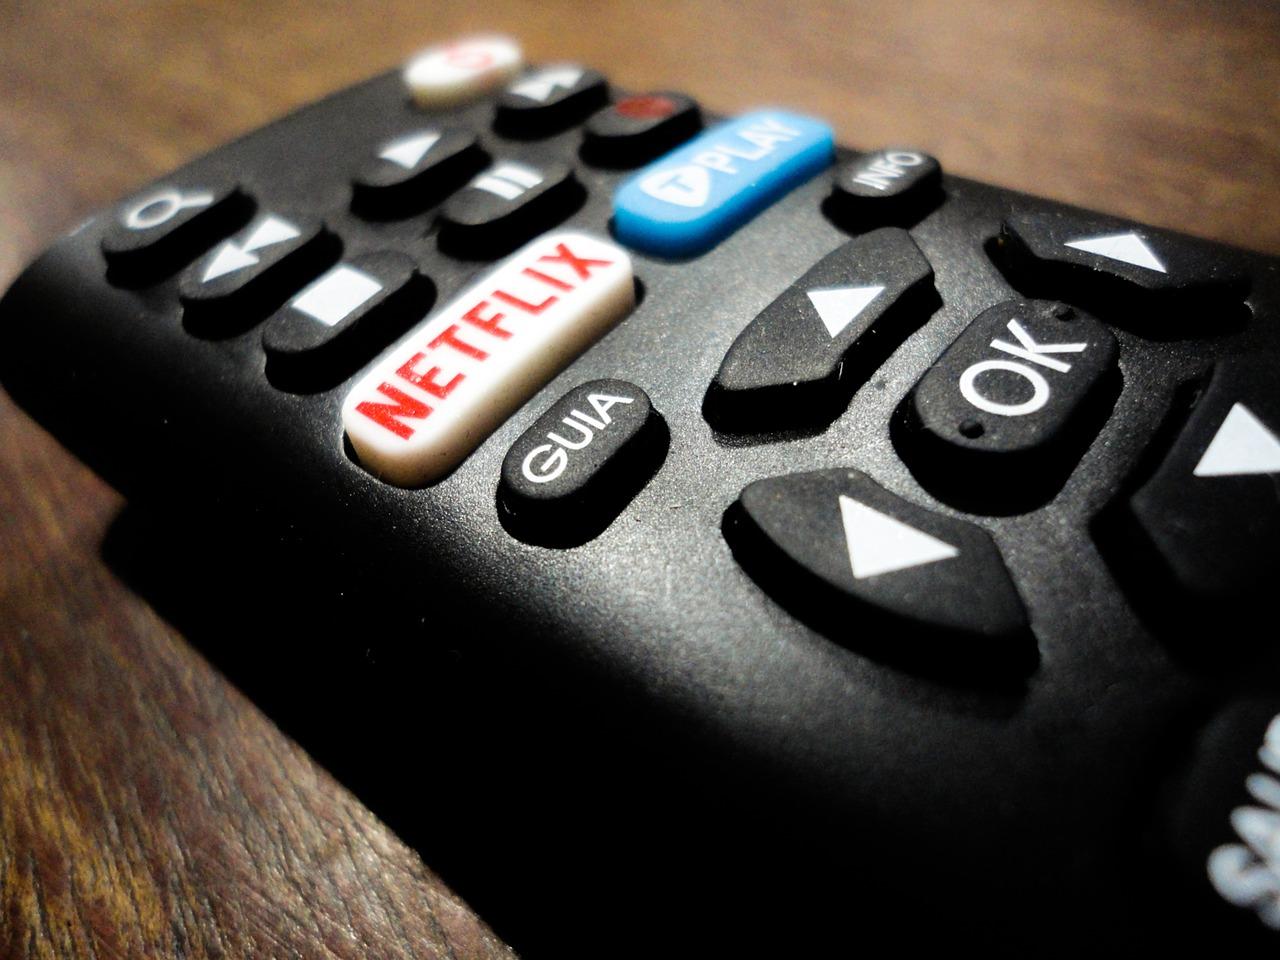 Netflix et Canal+ pactisent dans un marché sous haute tension